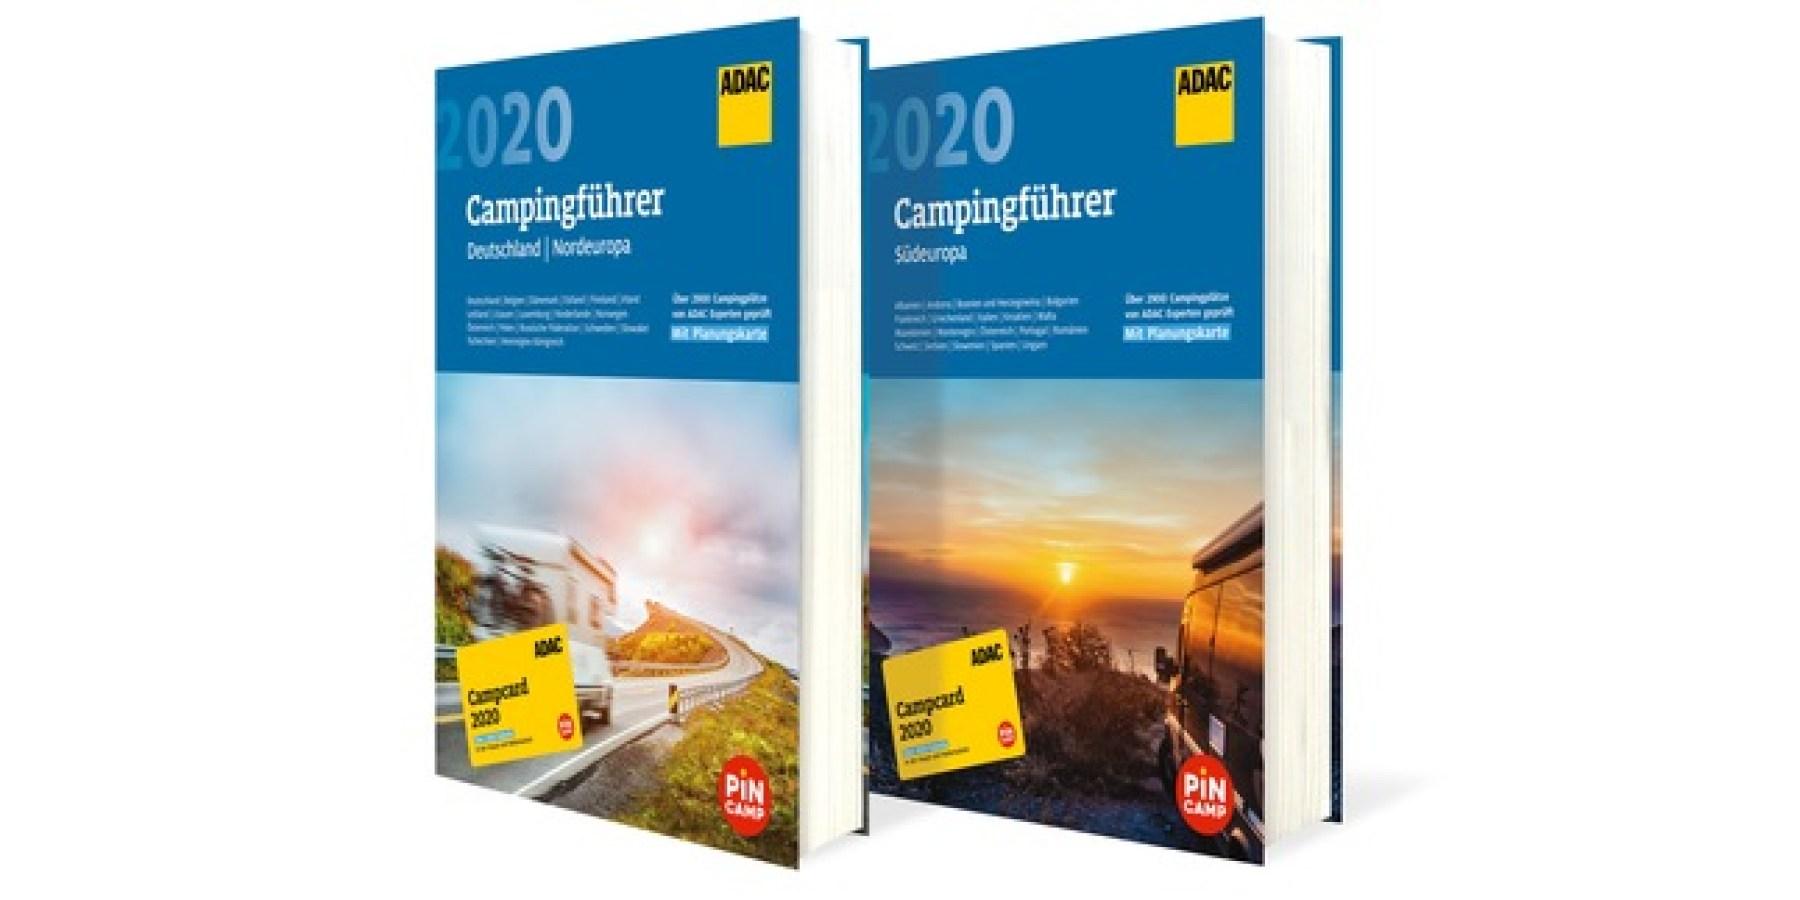 Planen und sparen mit dem neuen ADAC Campingführer 2020